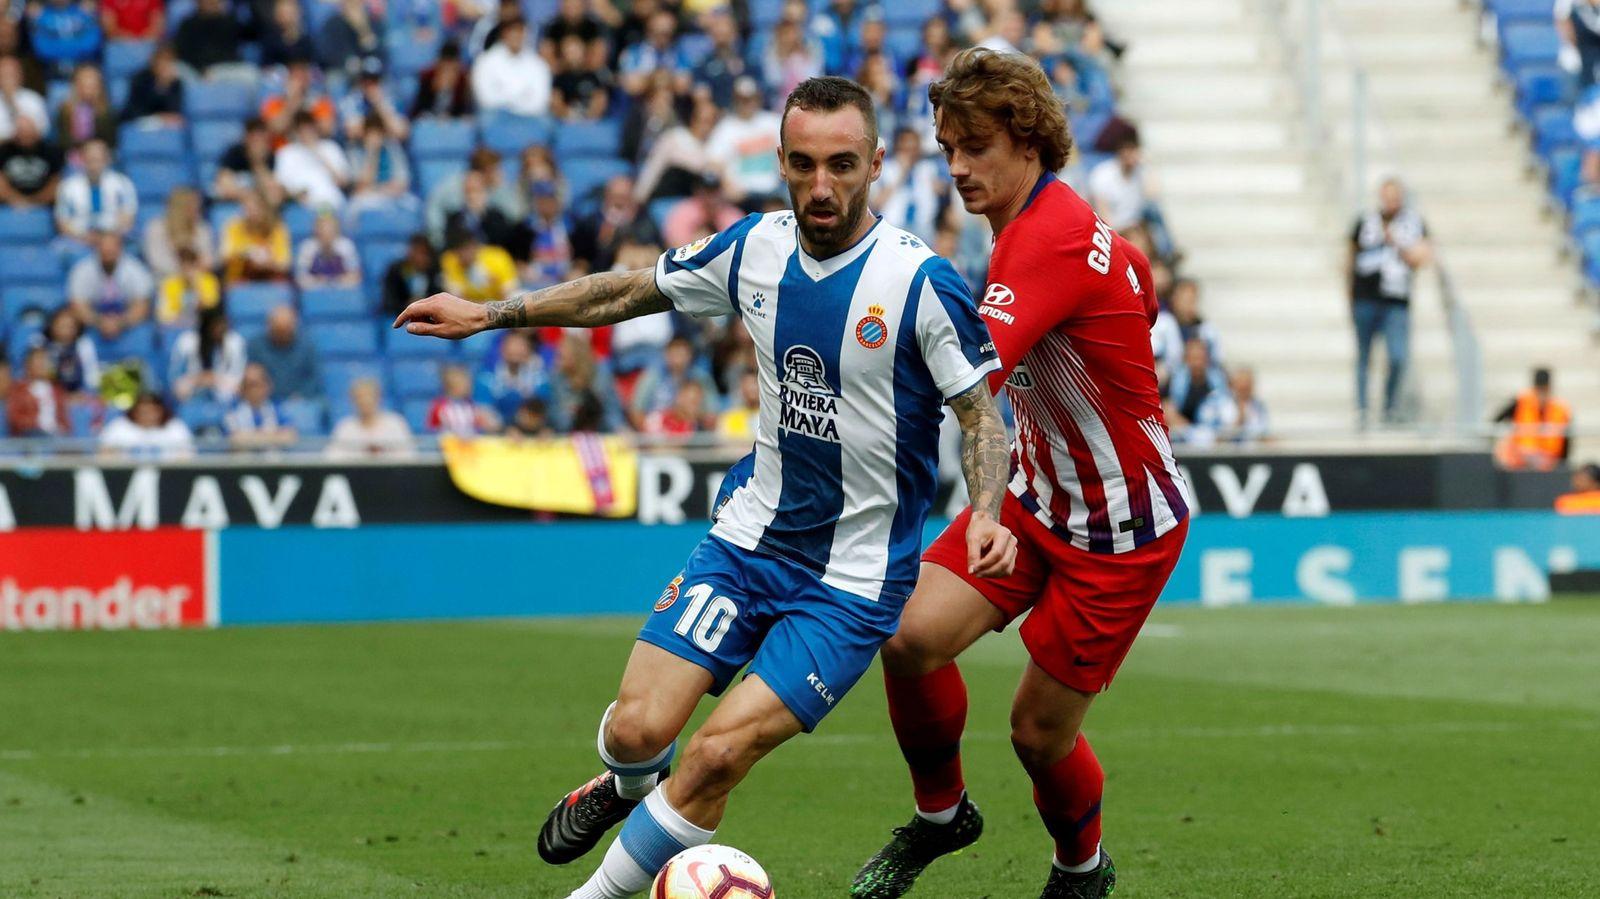 Foto: Rcd espanyol- atlético de madrid